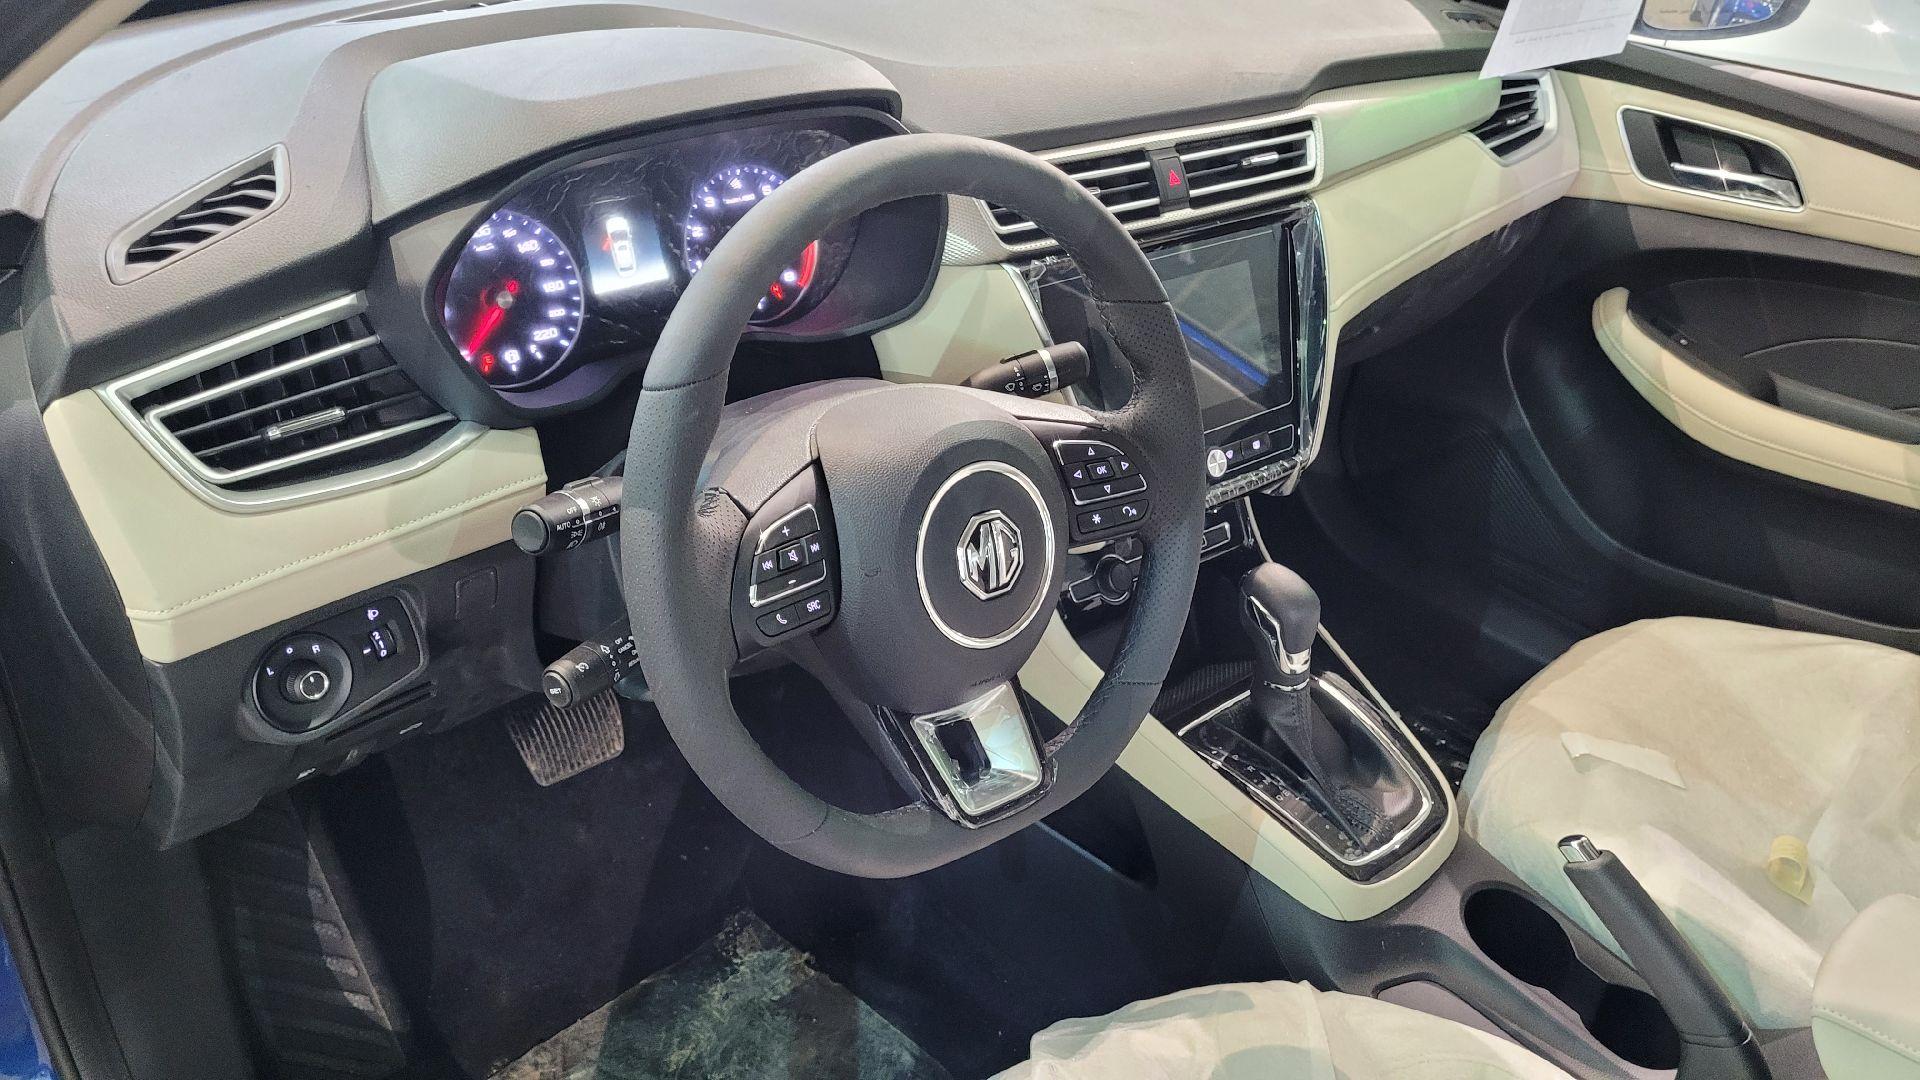 مباع - MG 5 نص فل COM سعودي 2021 جديد للبيع في الرياض - السعودية - صورة كبيرة - 14